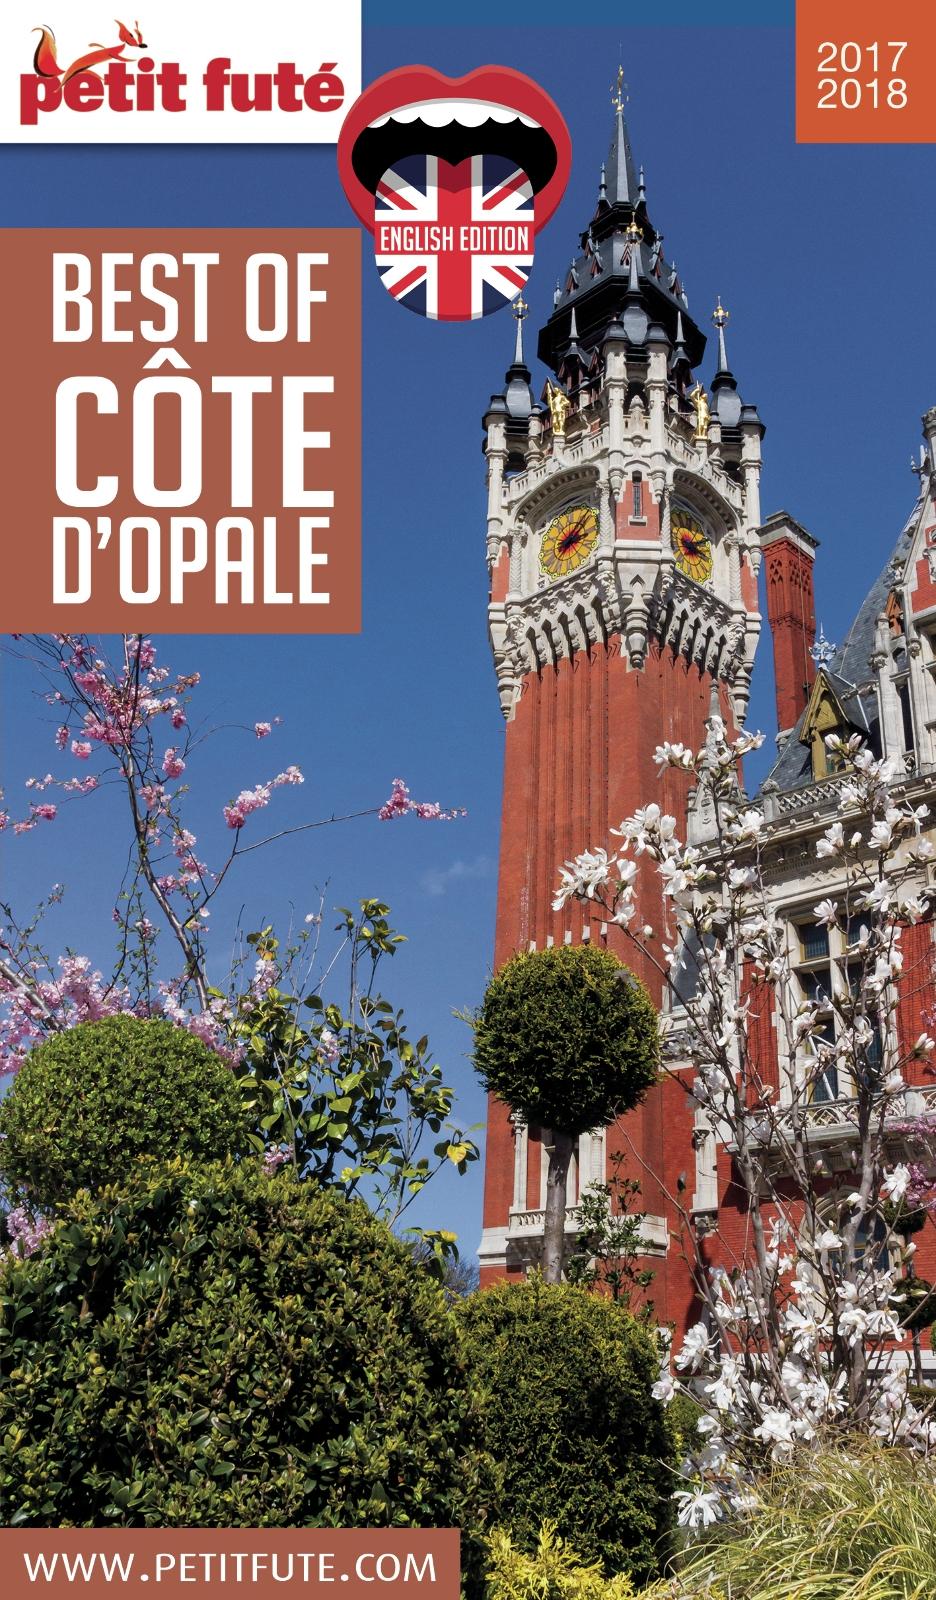 BEST OF CÔTE D'OPALE 2017/2018 Petit Futé